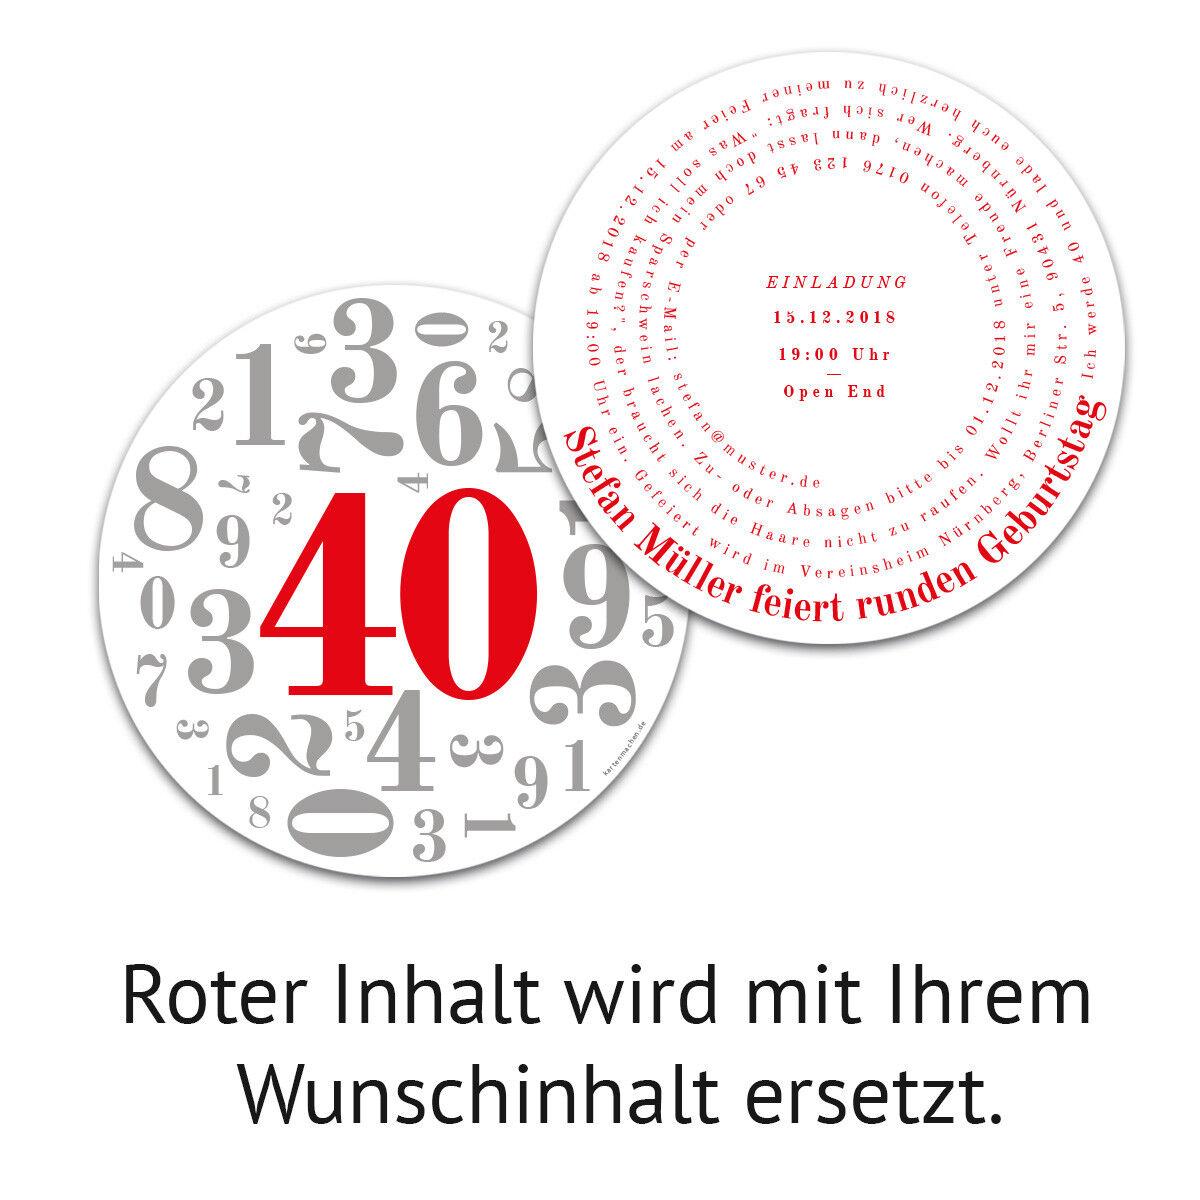 Runde Einladungen Geburtstag 40 Jahre Einladungskarten Karten Karten Karten - Zahlencollage 37bb7f